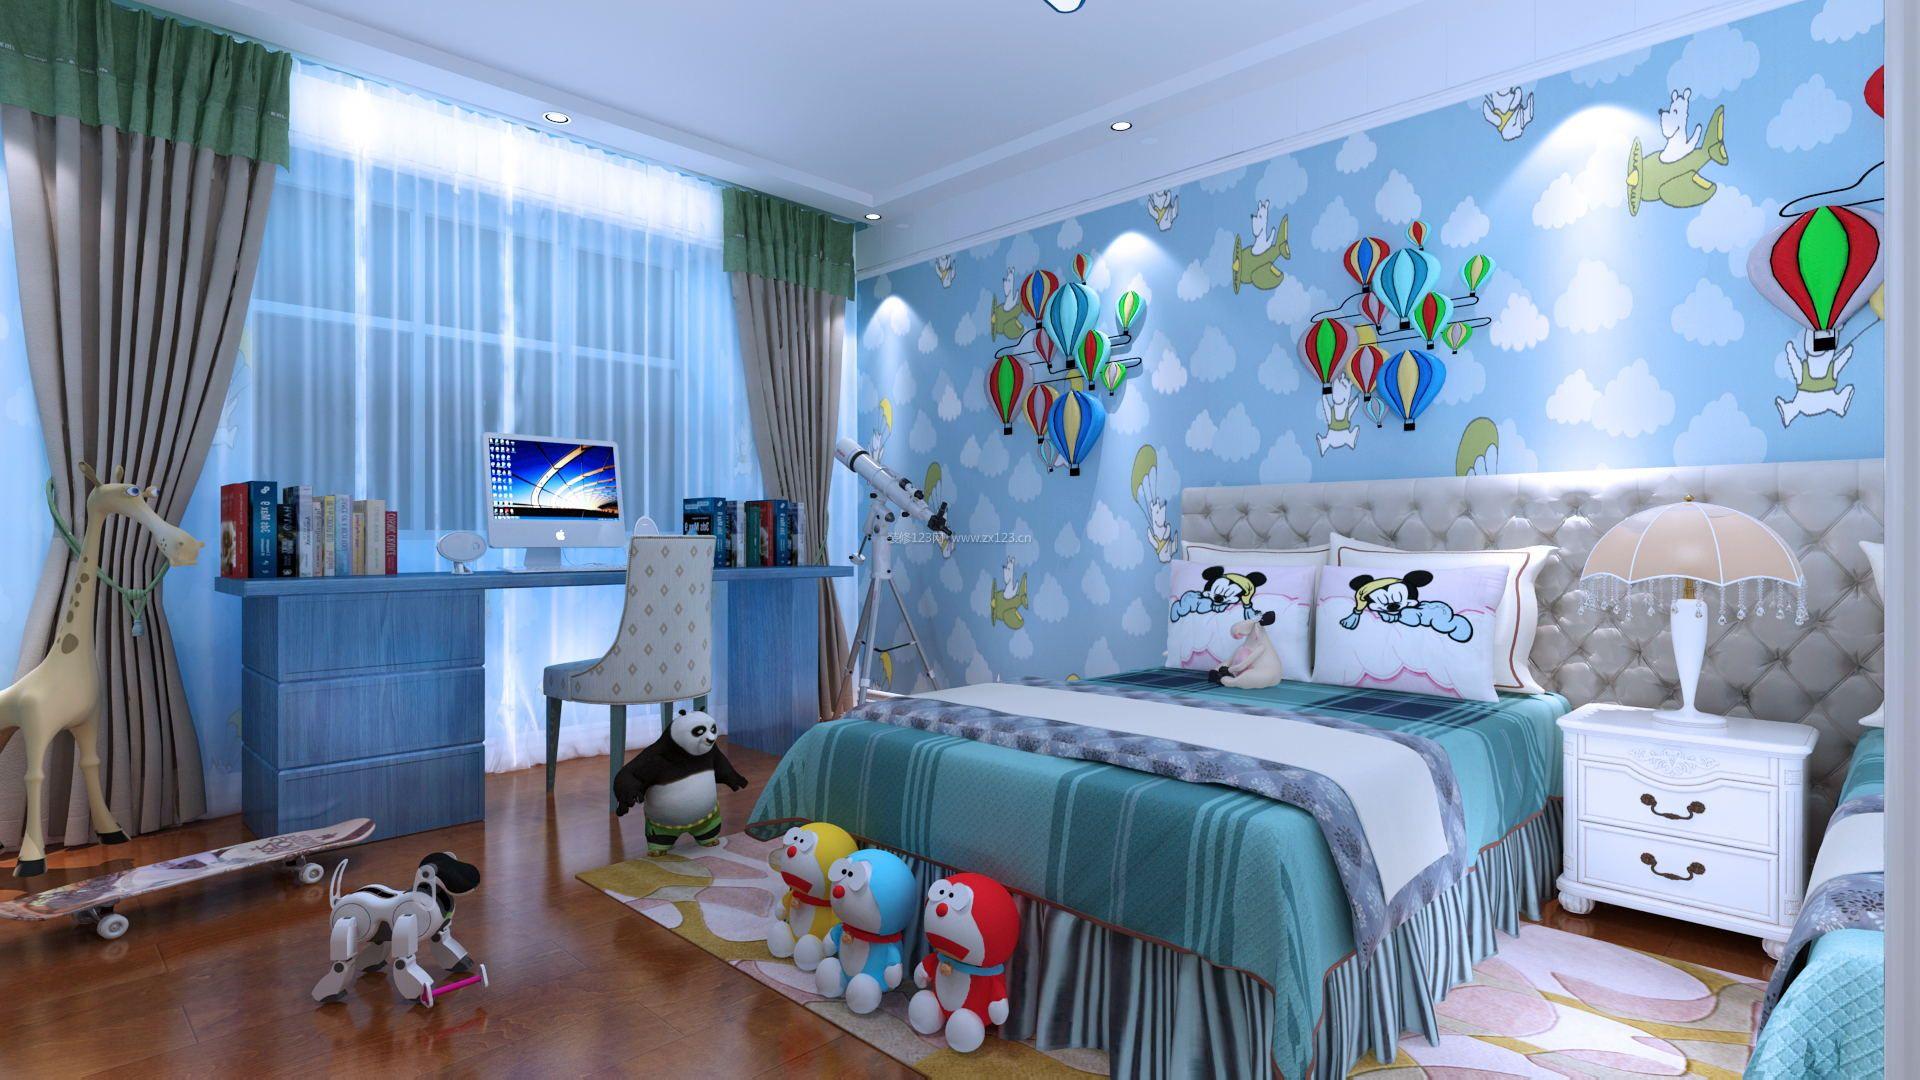 儿童房子简笔画图片 欧式效果图